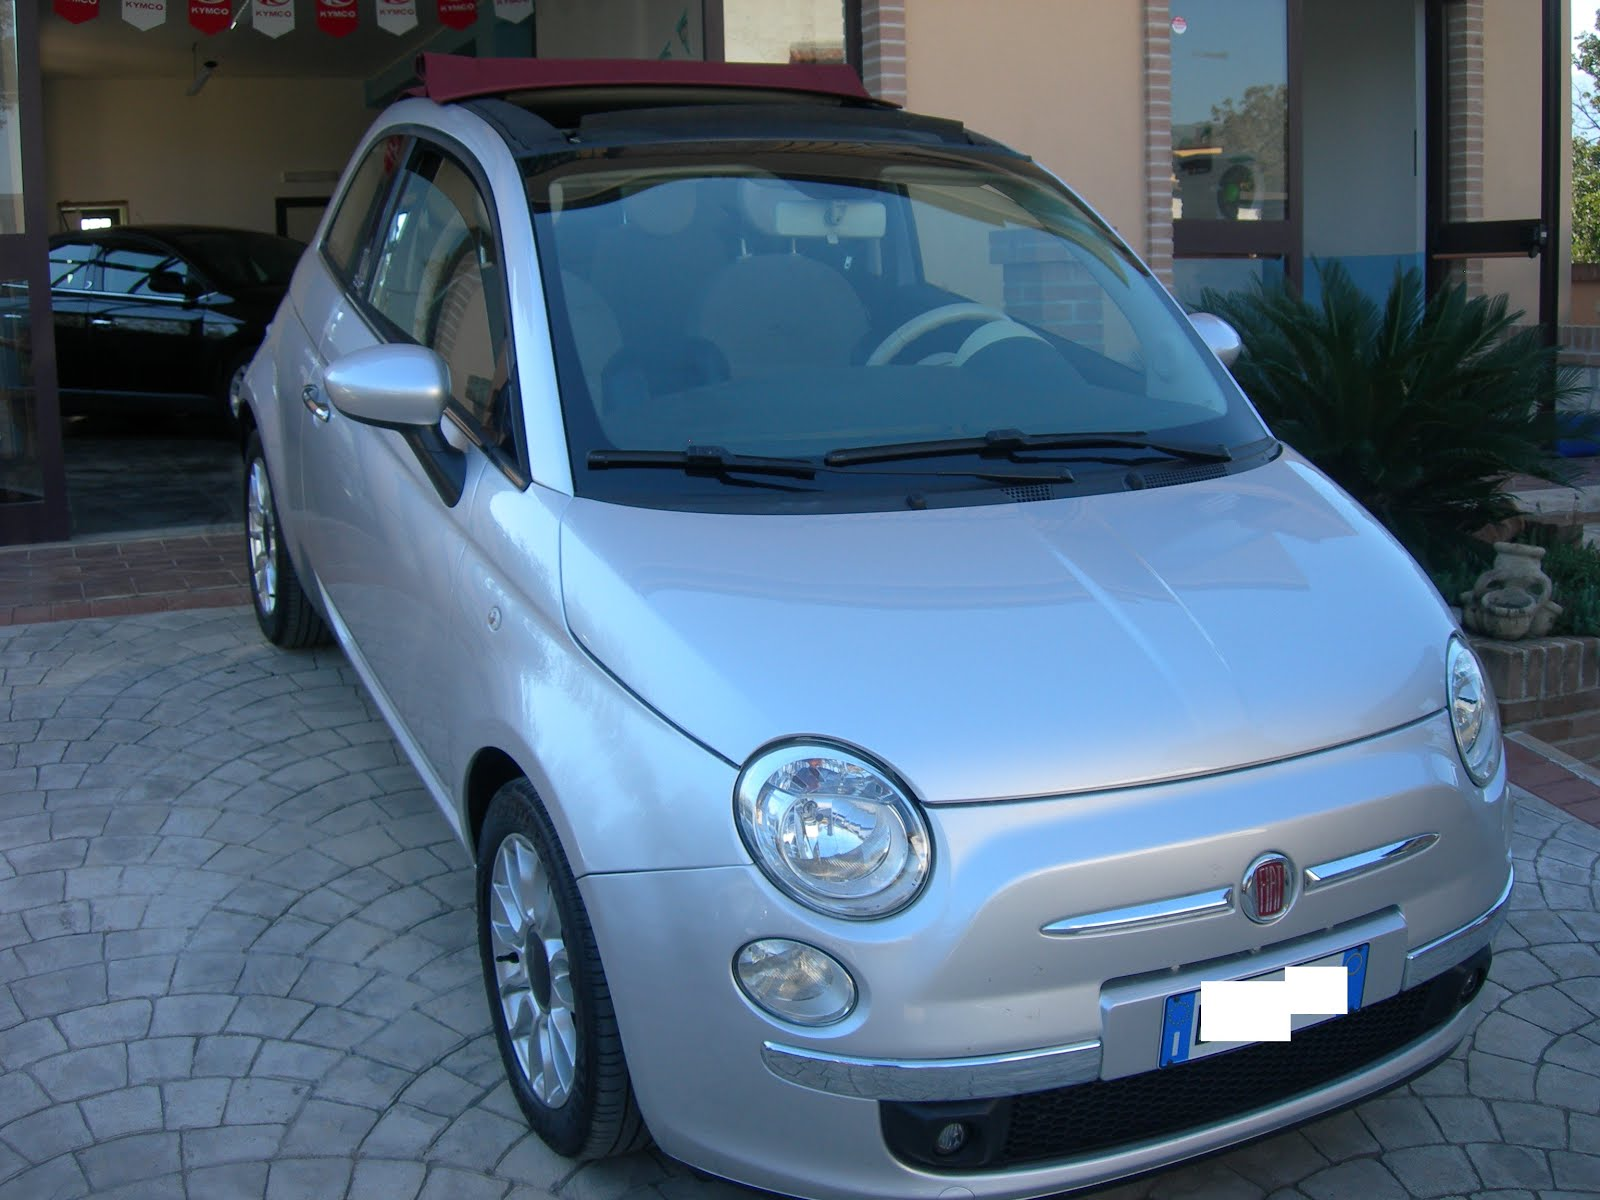 FIAT 500c 1.3 MULTIJET 95 CV CABRIO ANNO 2010 LOUNGE PREZZO 8.900,00 EURO